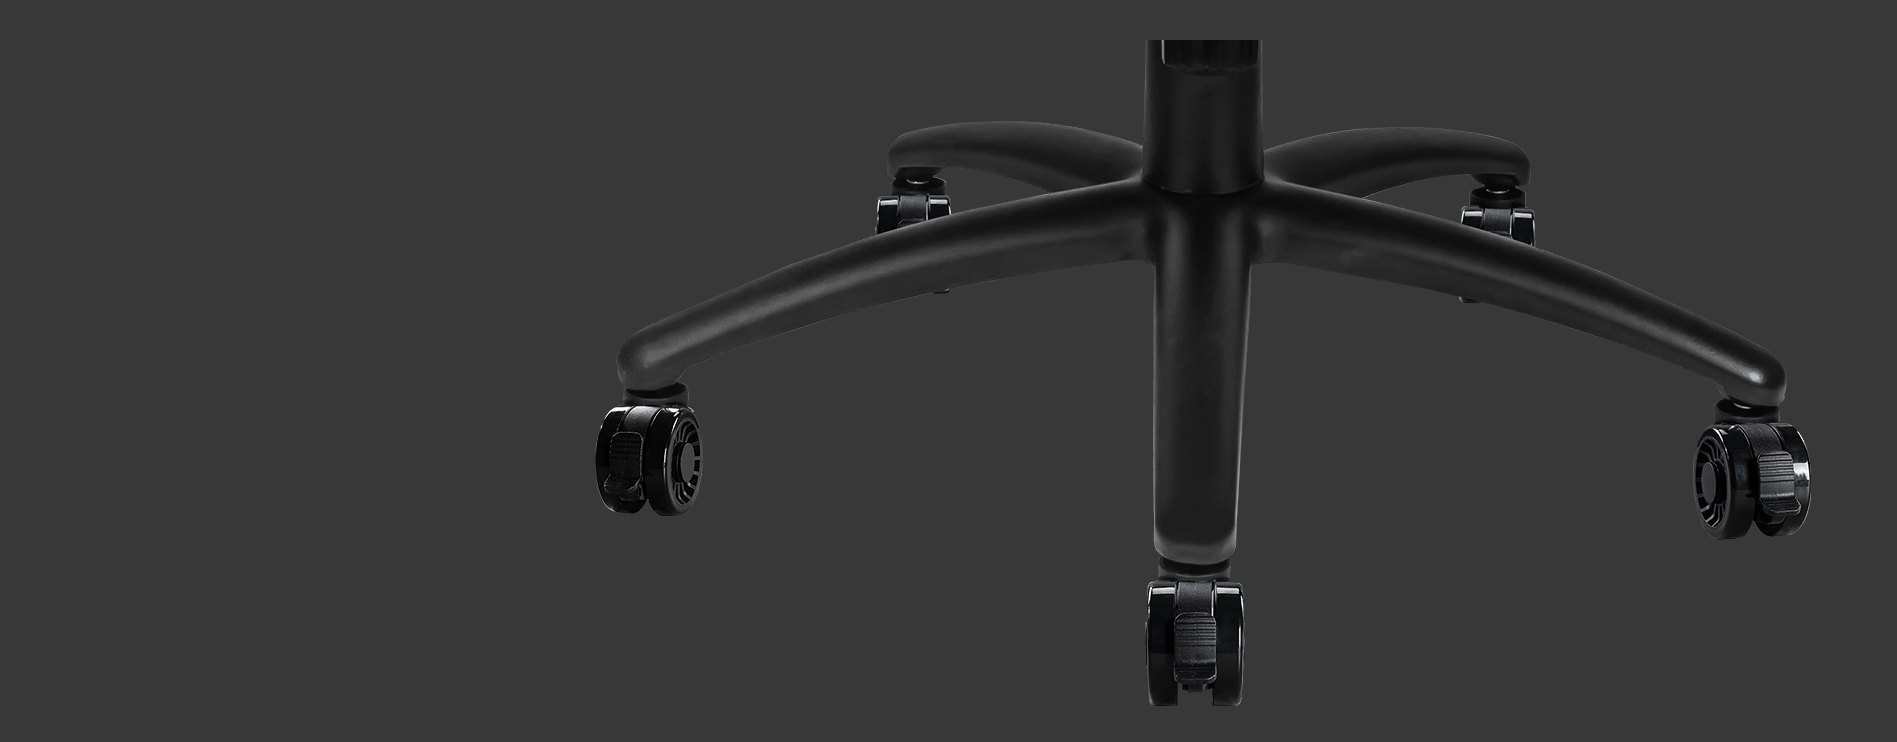 Ghế Gaming MSI MAG CH120 I có thiết kế chân sao 5 cánh kim loại chắc chắn